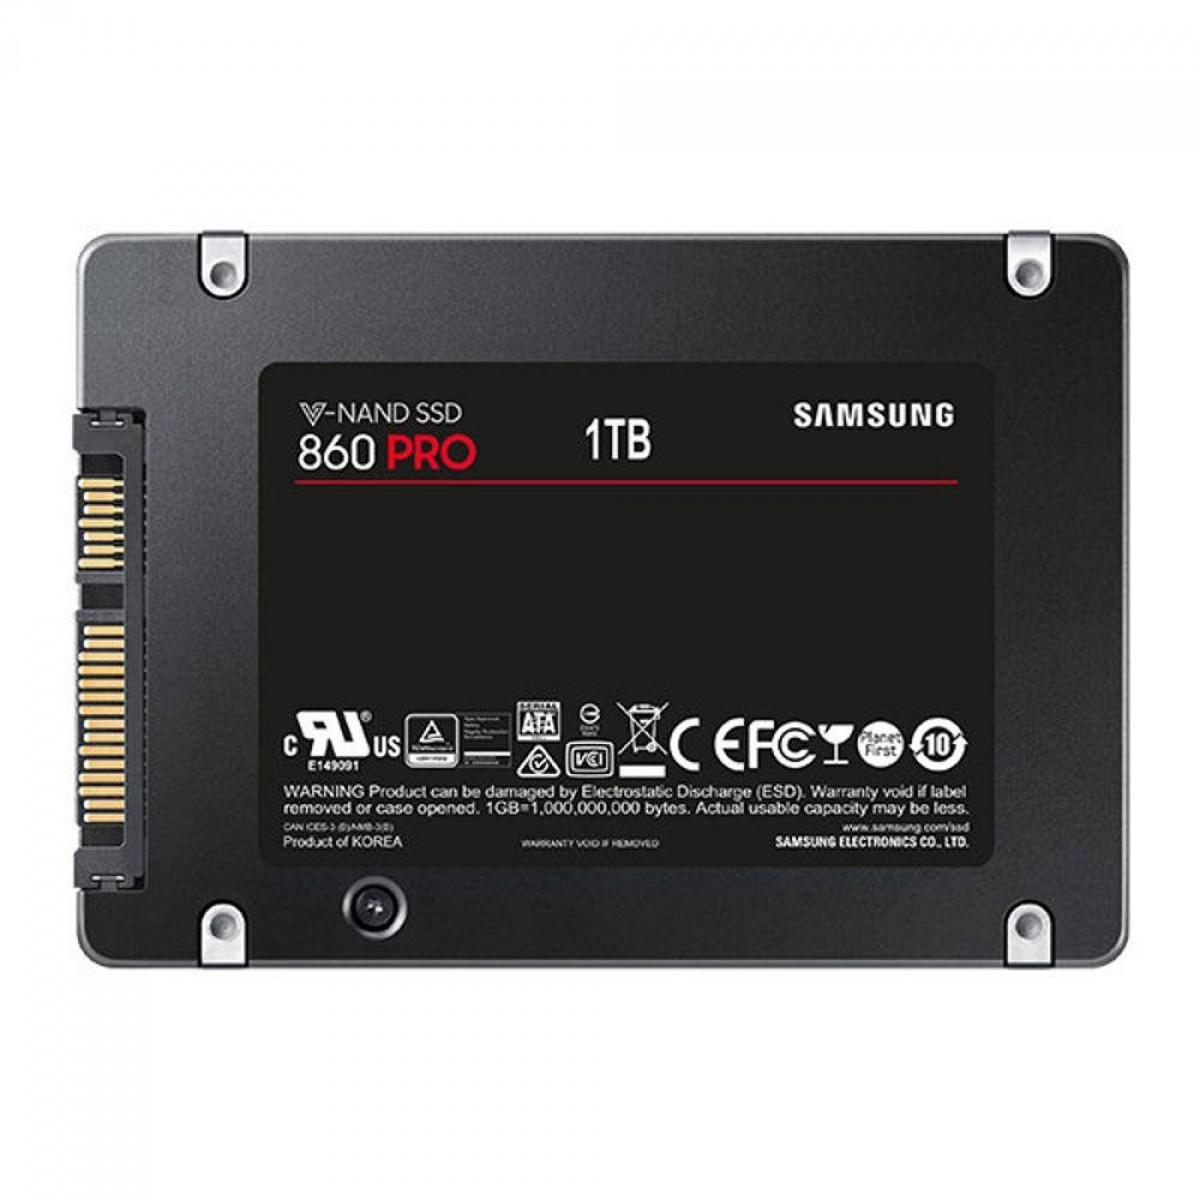 SSD Samsung 860 PRO, 1TB, Sata III, MZ-76P1T0E